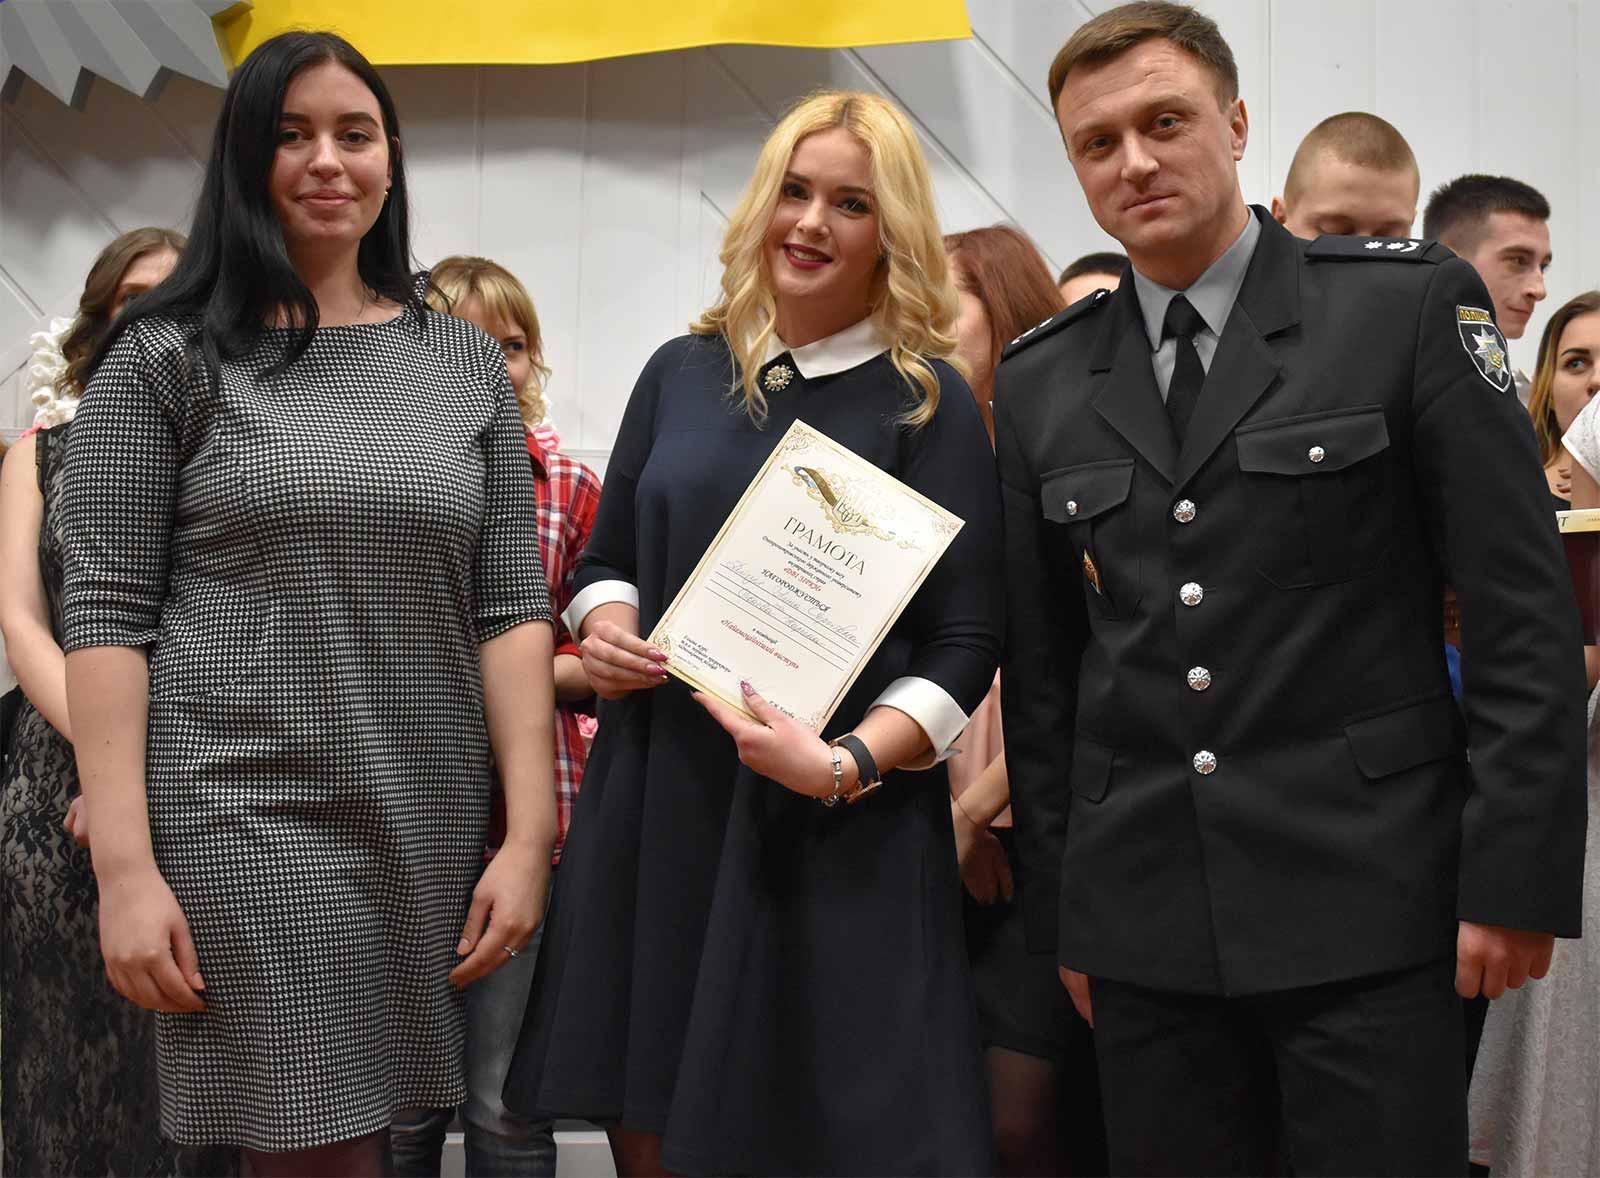 Грамоти та дипломи у різних номінаціях отримали всі учасники.